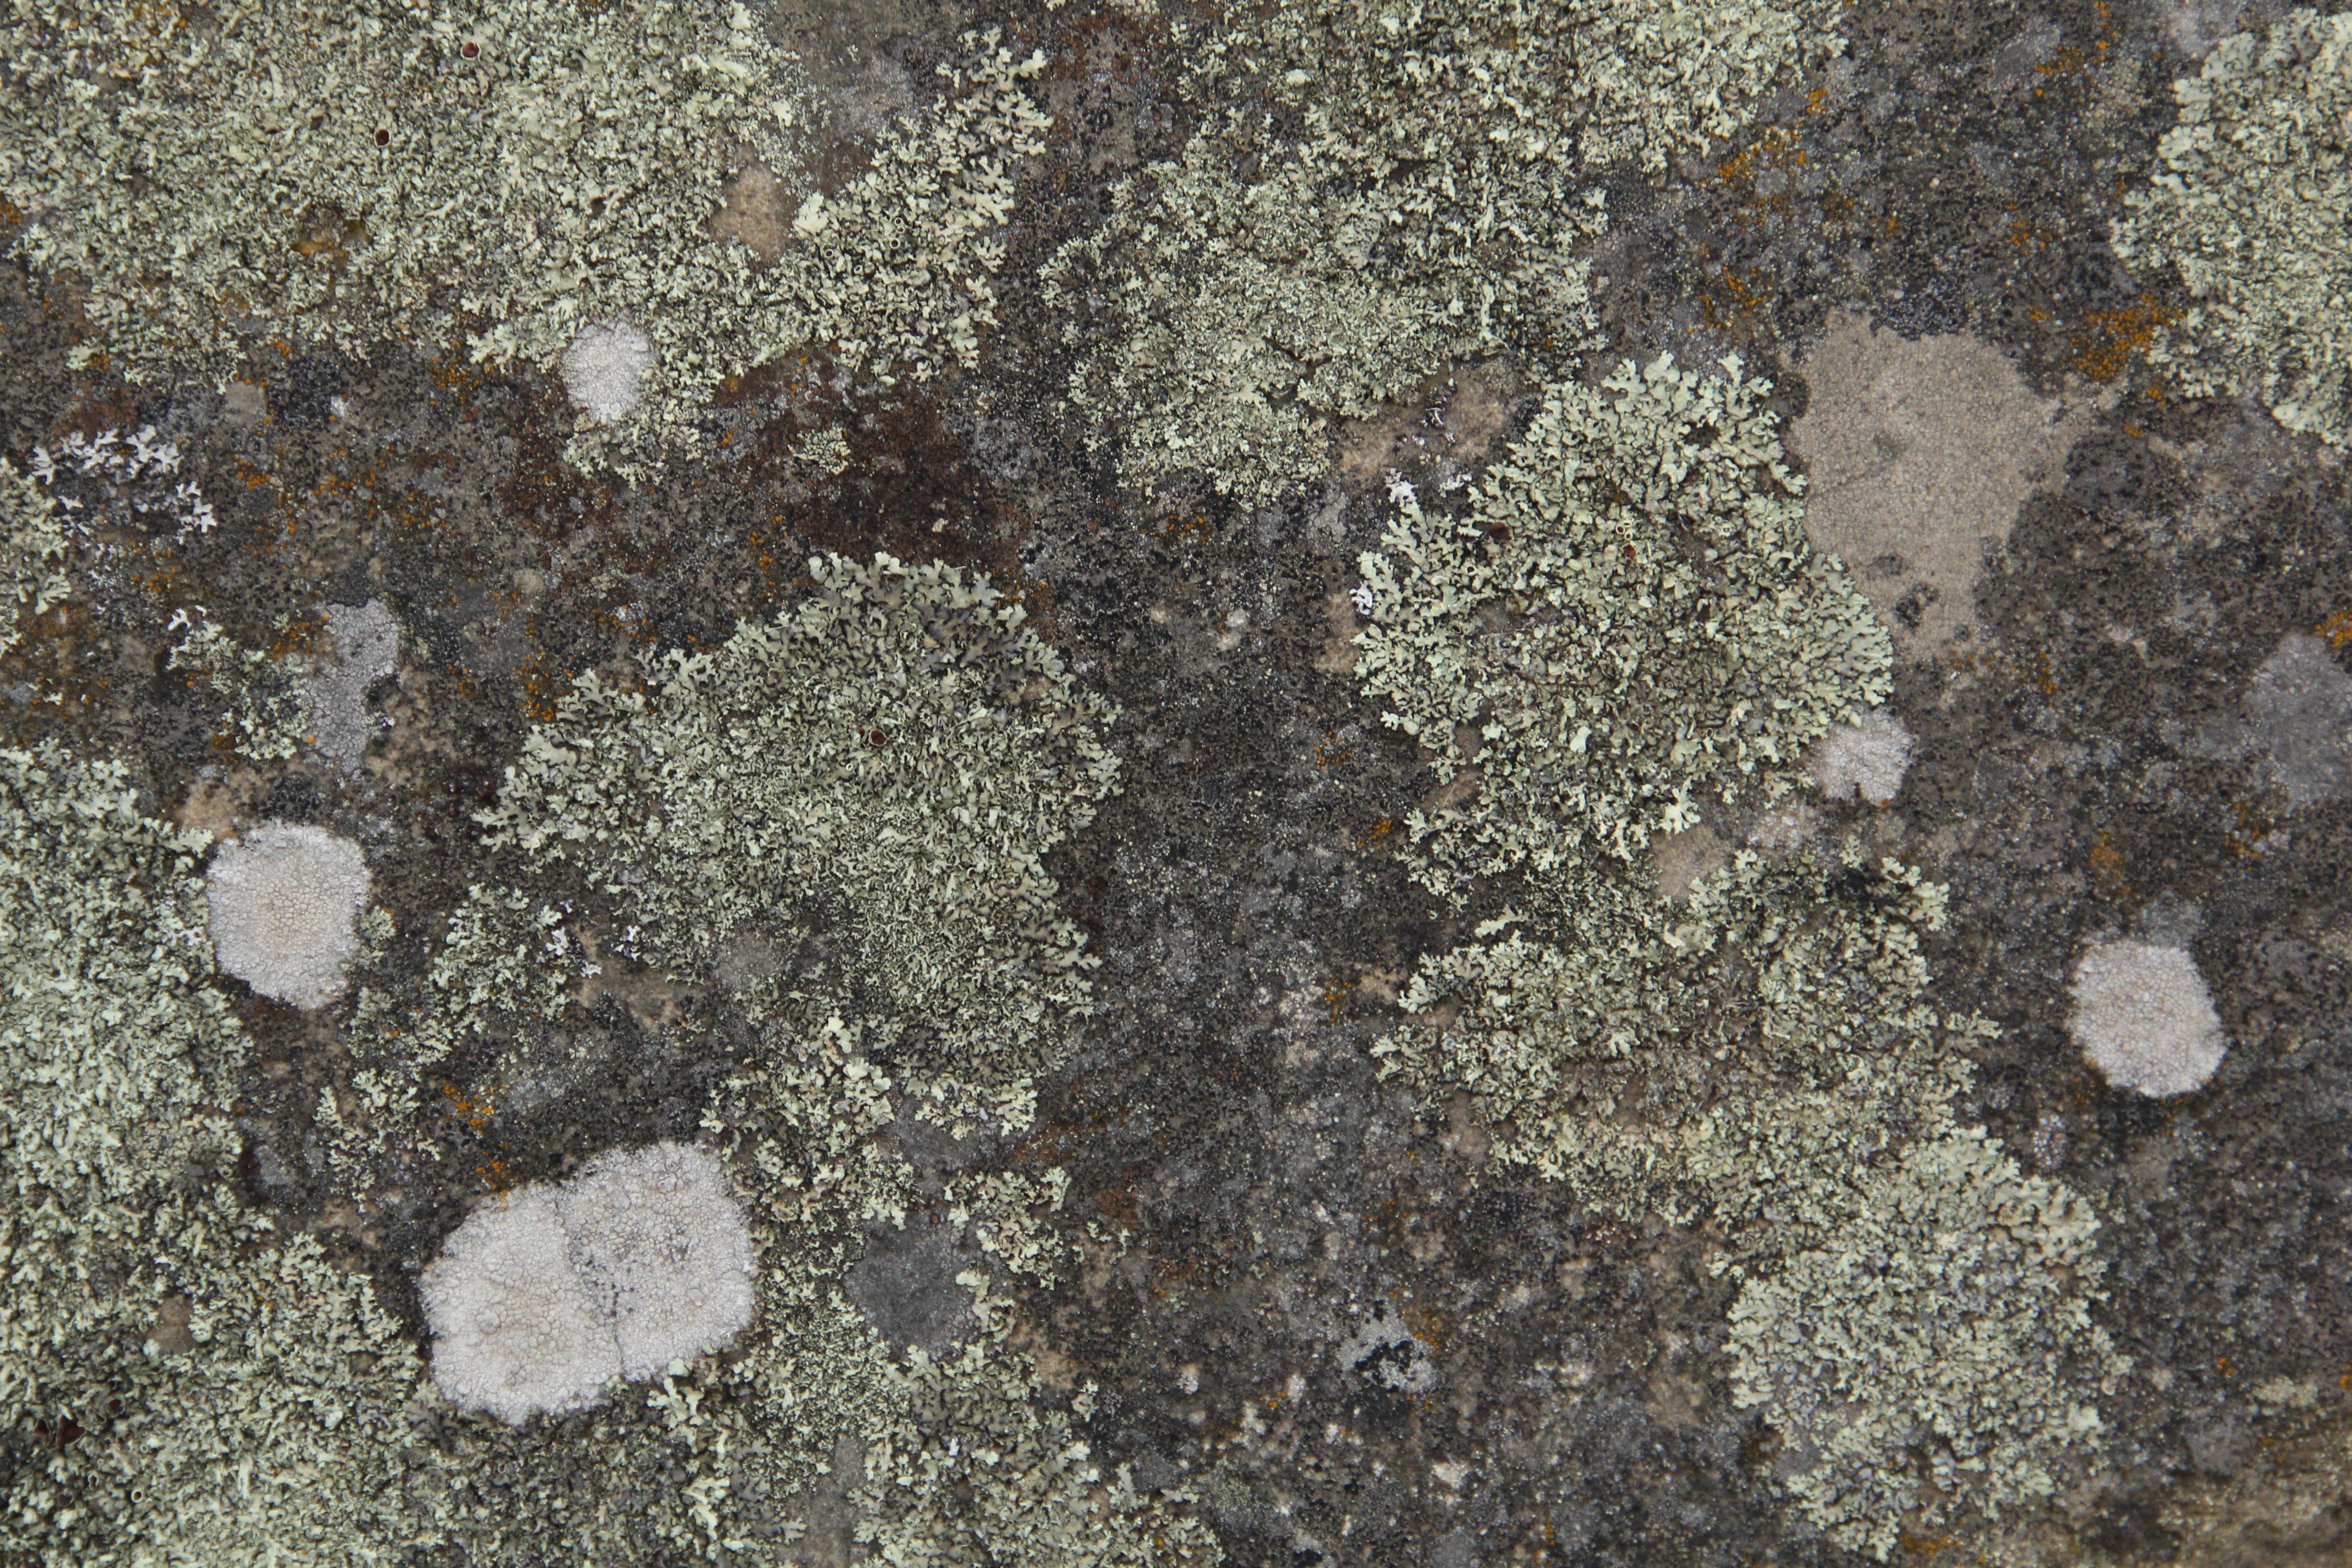 grunge texture rock stone algae lichen natural photo - TextureX ...